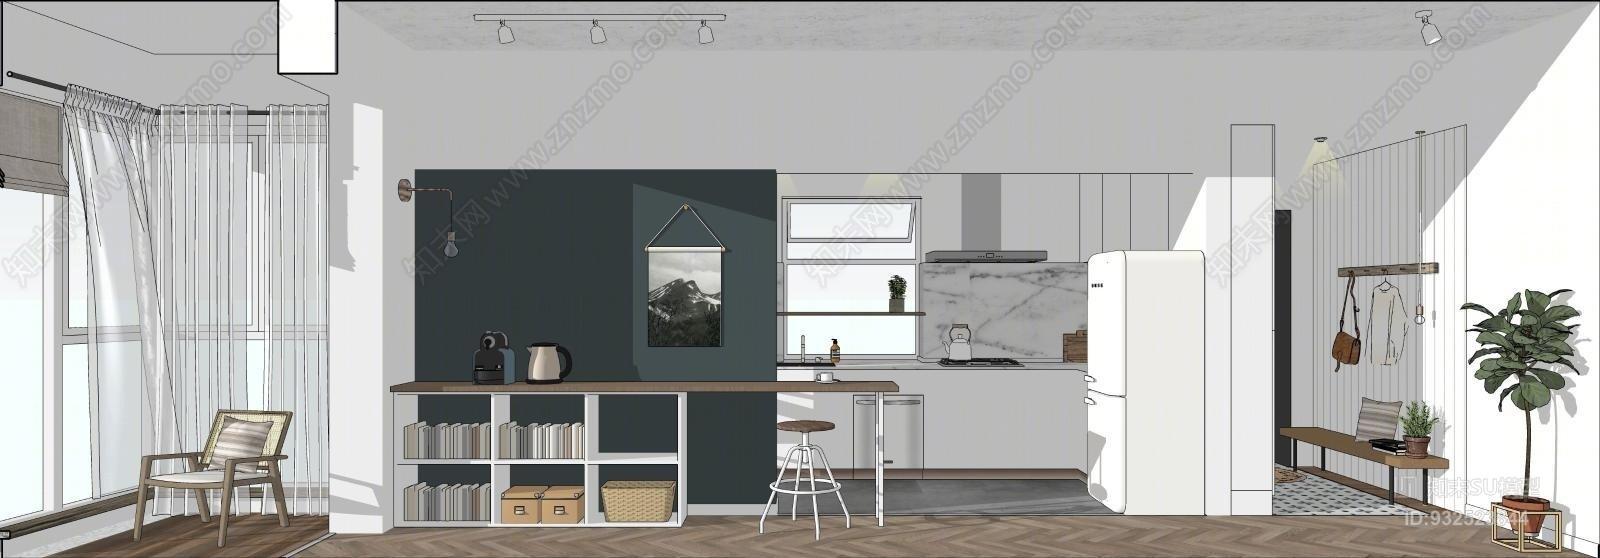 北欧客厅餐厅卧室厨房整体方案沙发茶几橱柜双人床餐桌椅家具SU模型下载【ID:932523844】